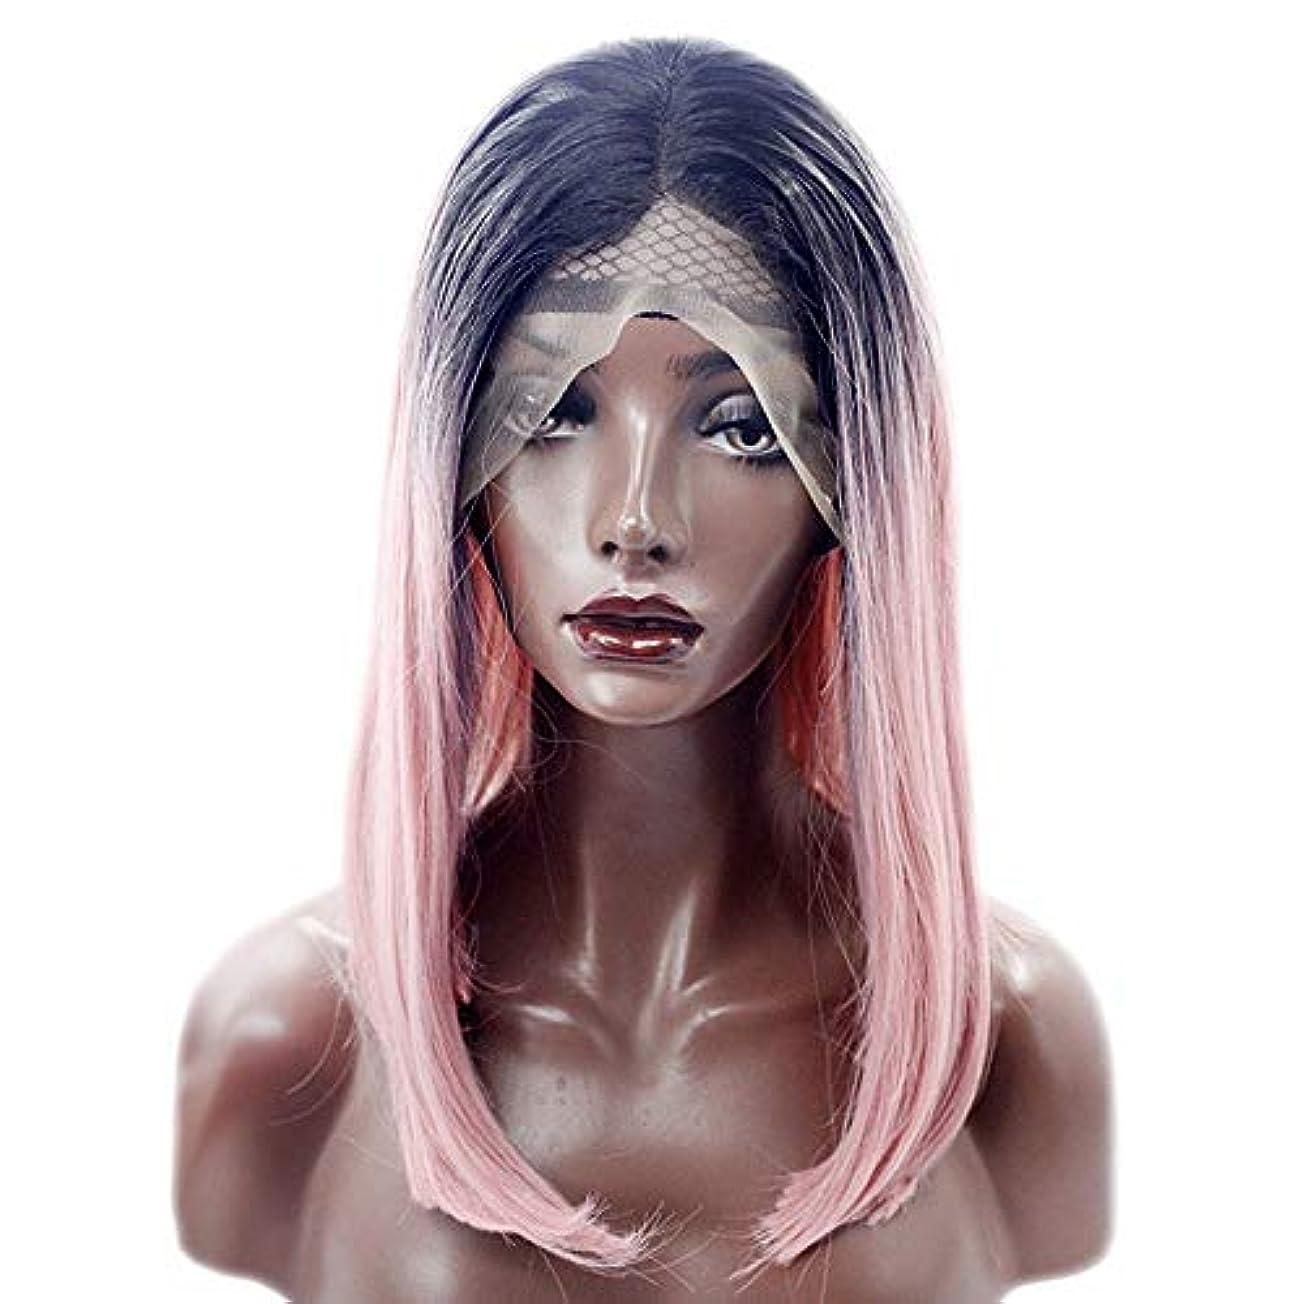 人工的な維持するびっくりするYOUQIU 女性のかつらのフロント合成かつらピンクボブウィッグストレート肩の耐熱髪をひもで締めます (色 : ピンク)